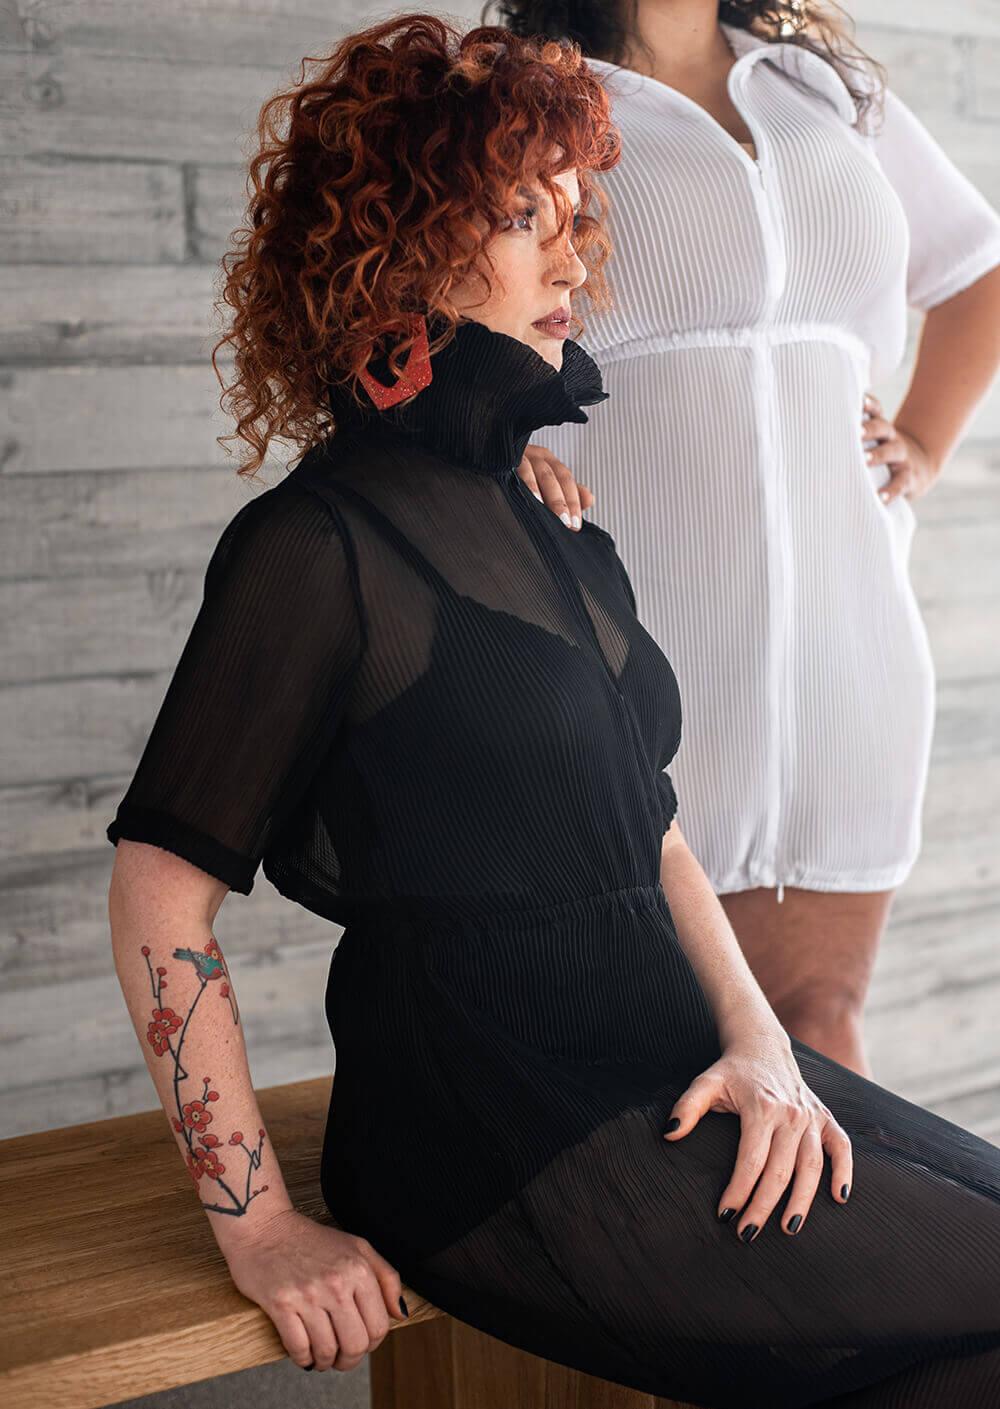 בלוג אופנה שמתמקד במעצבים ישראלים